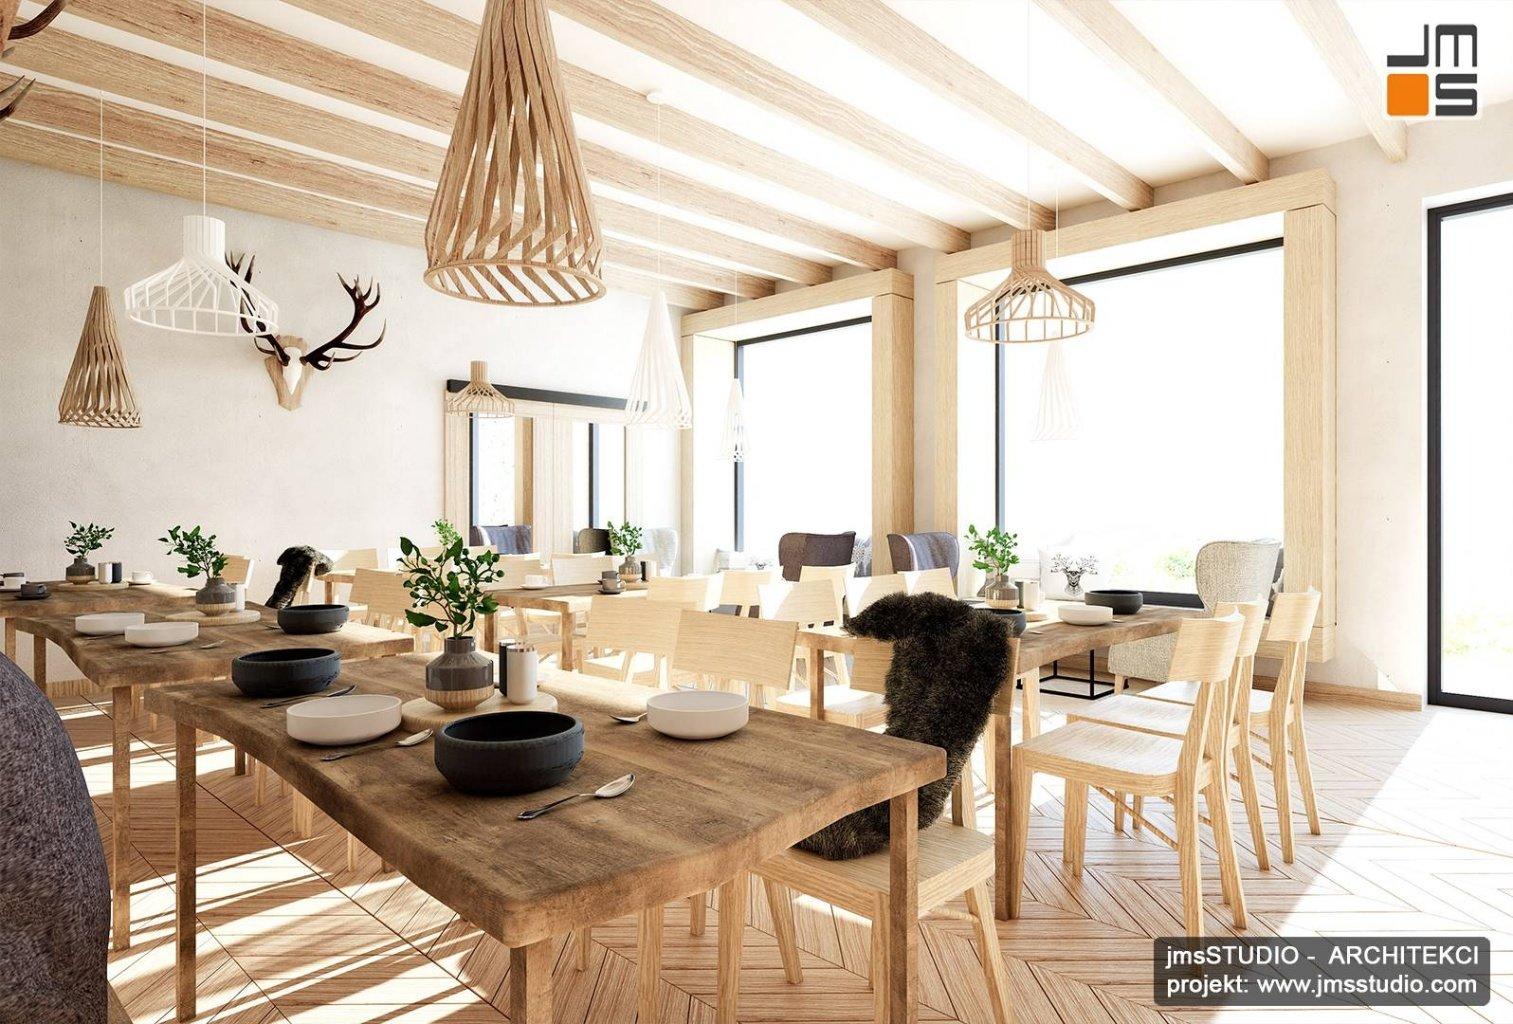 Piękny projekt wnętrz restauracji regionalnej w stylu góralskim w Pieninach z lampy drewniane duże okna